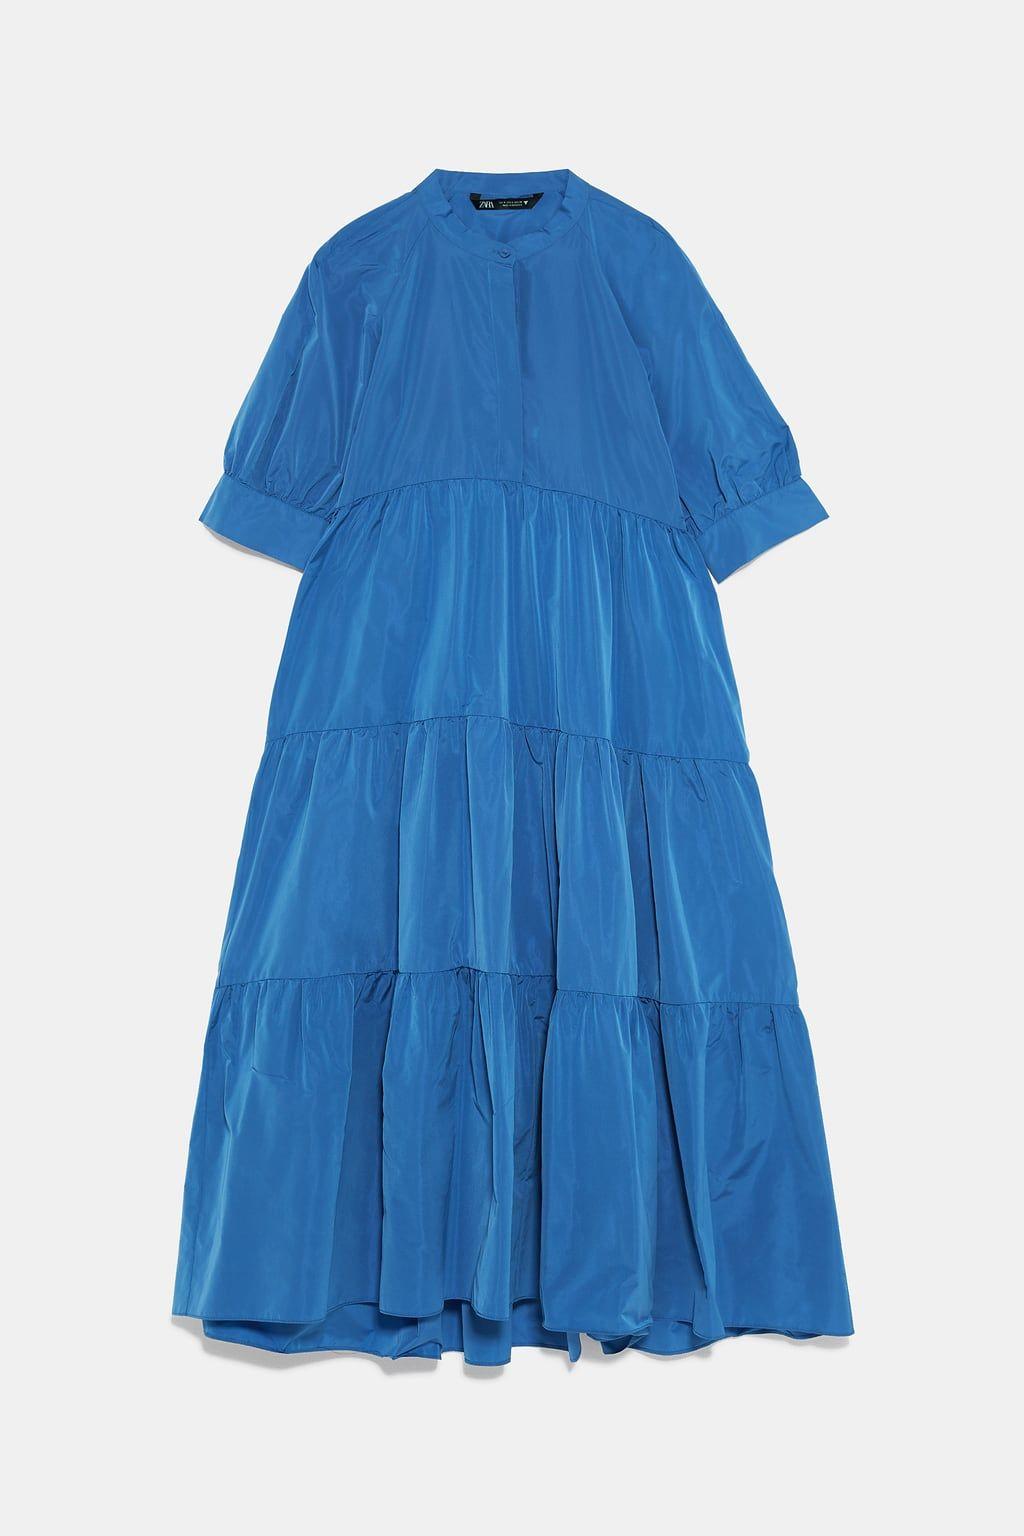 Otoño Tendencia Tipo En El De Será Zara Vestido Tiene Que YEIeWD9H2